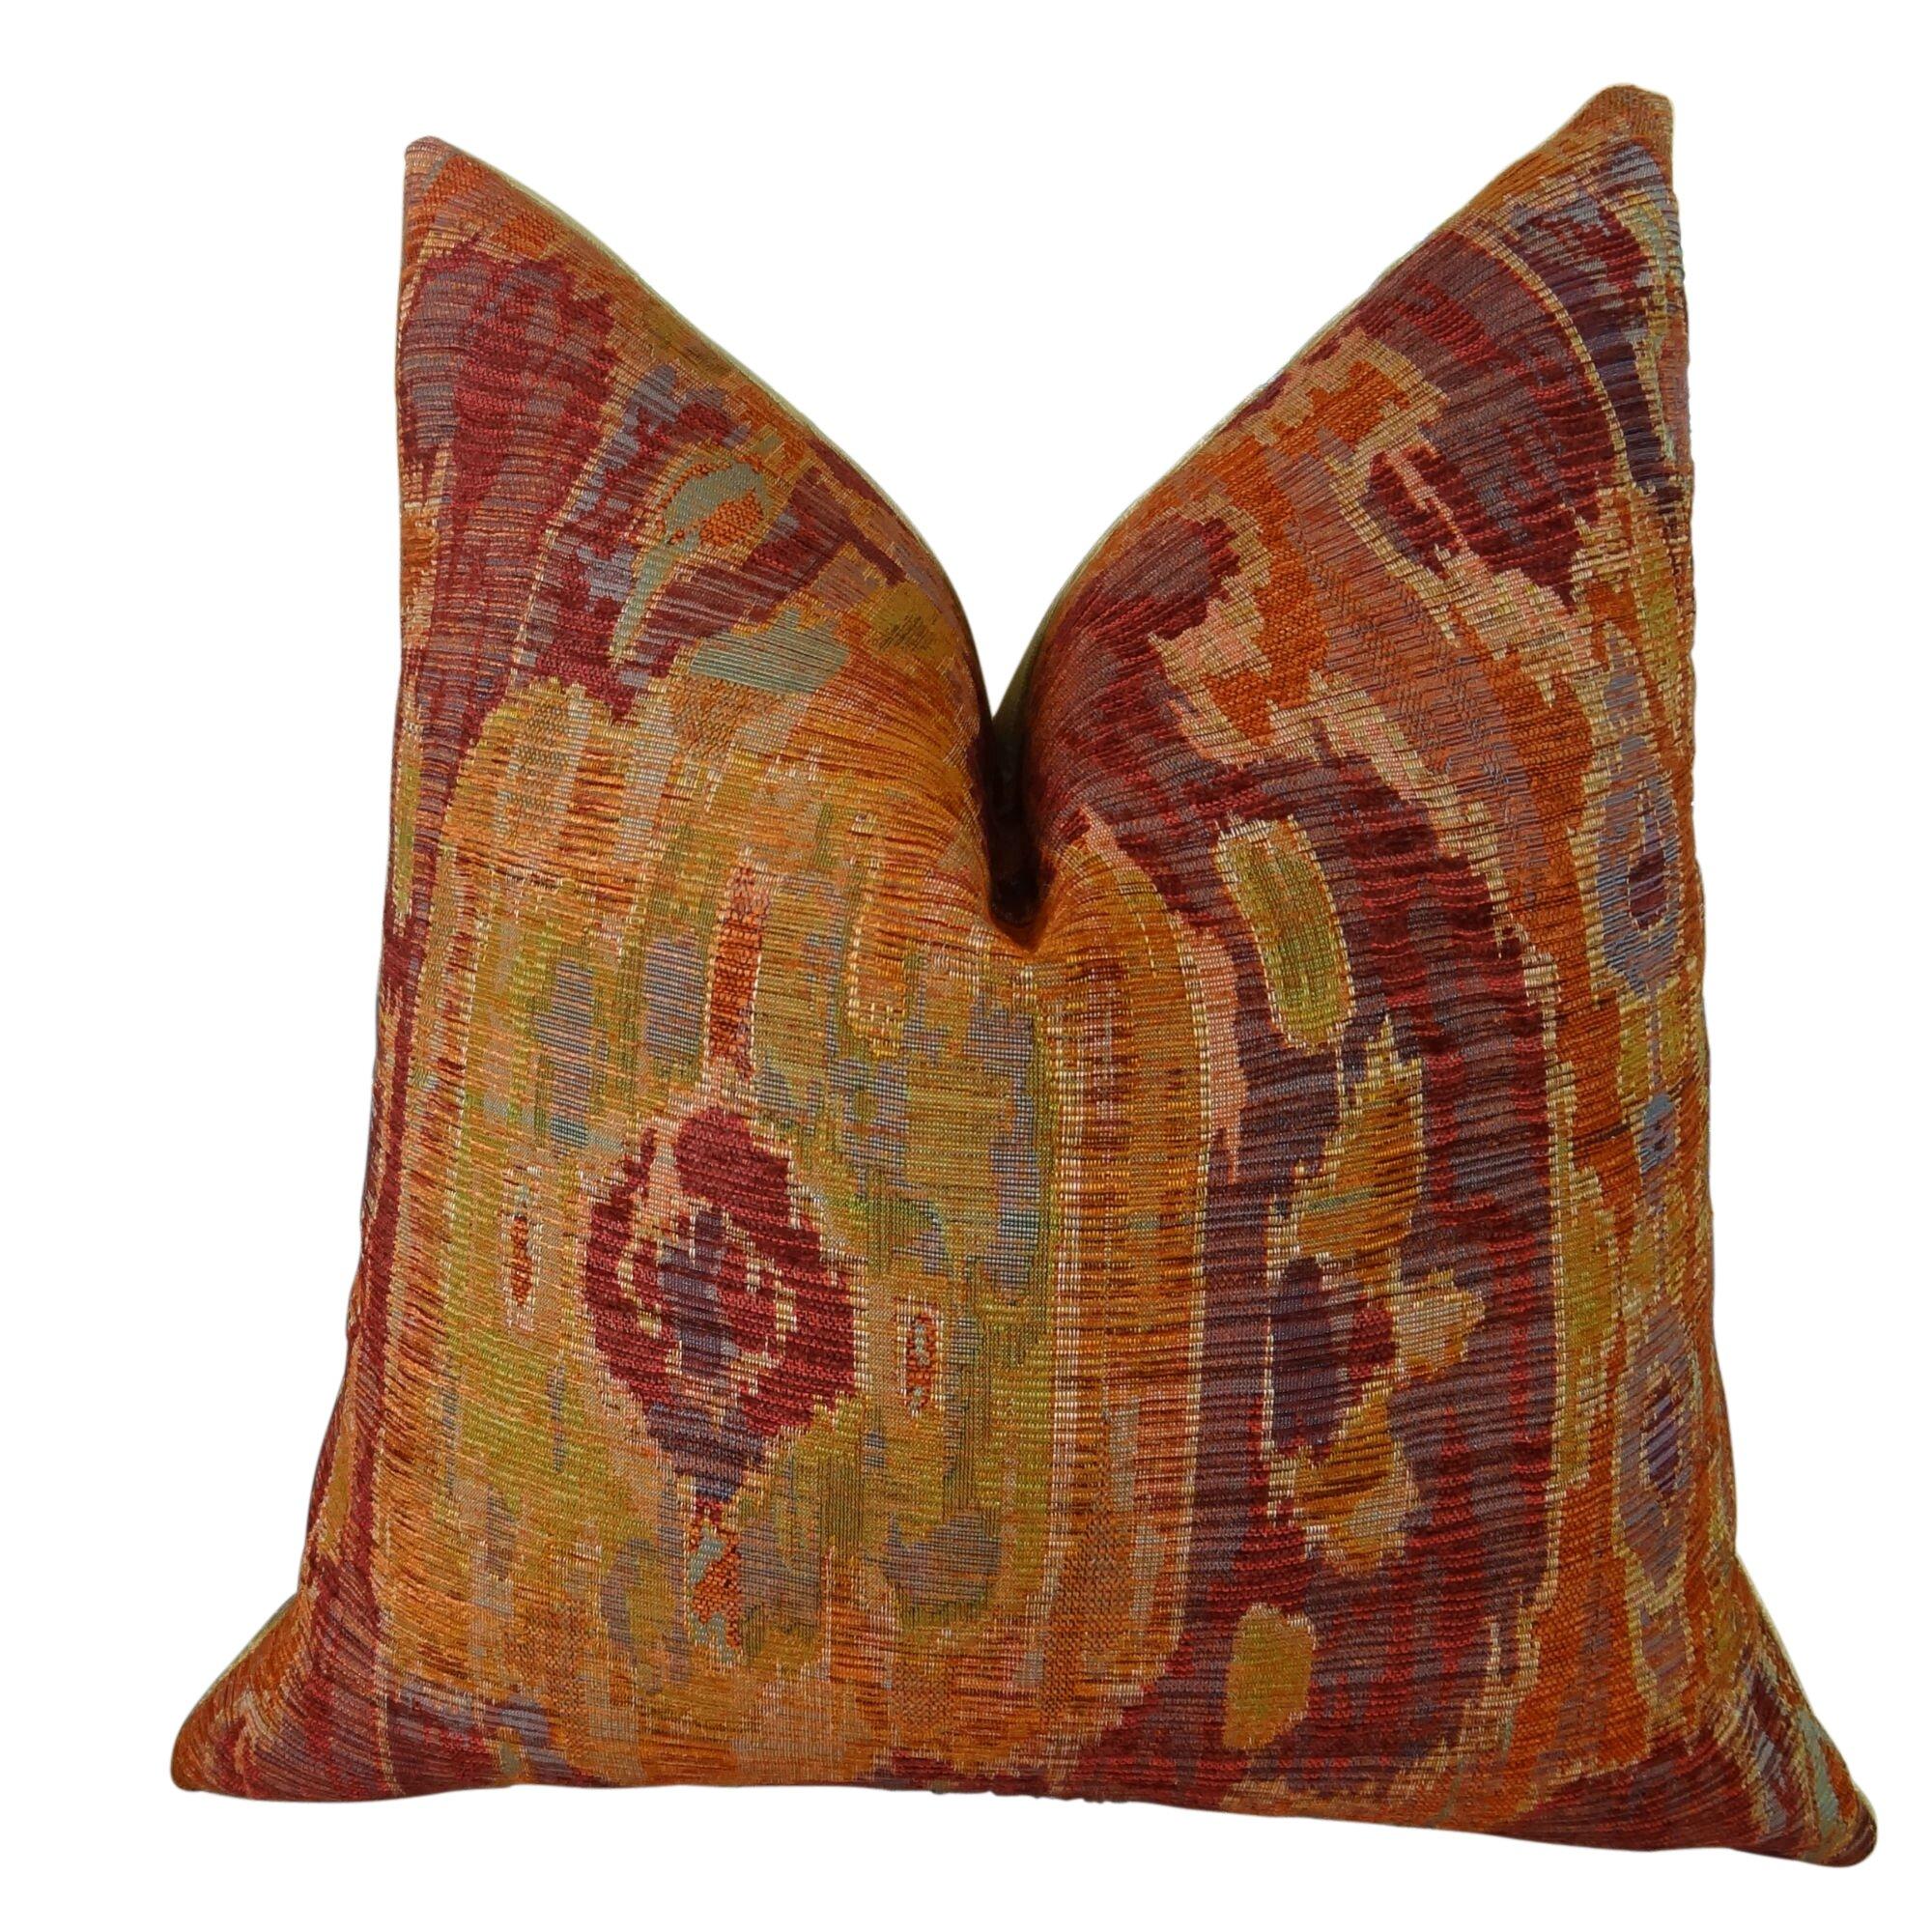 Throw Pillows Horchow : Plutus Brands Bear Canyon Handmade Throw Pillow Wayfair